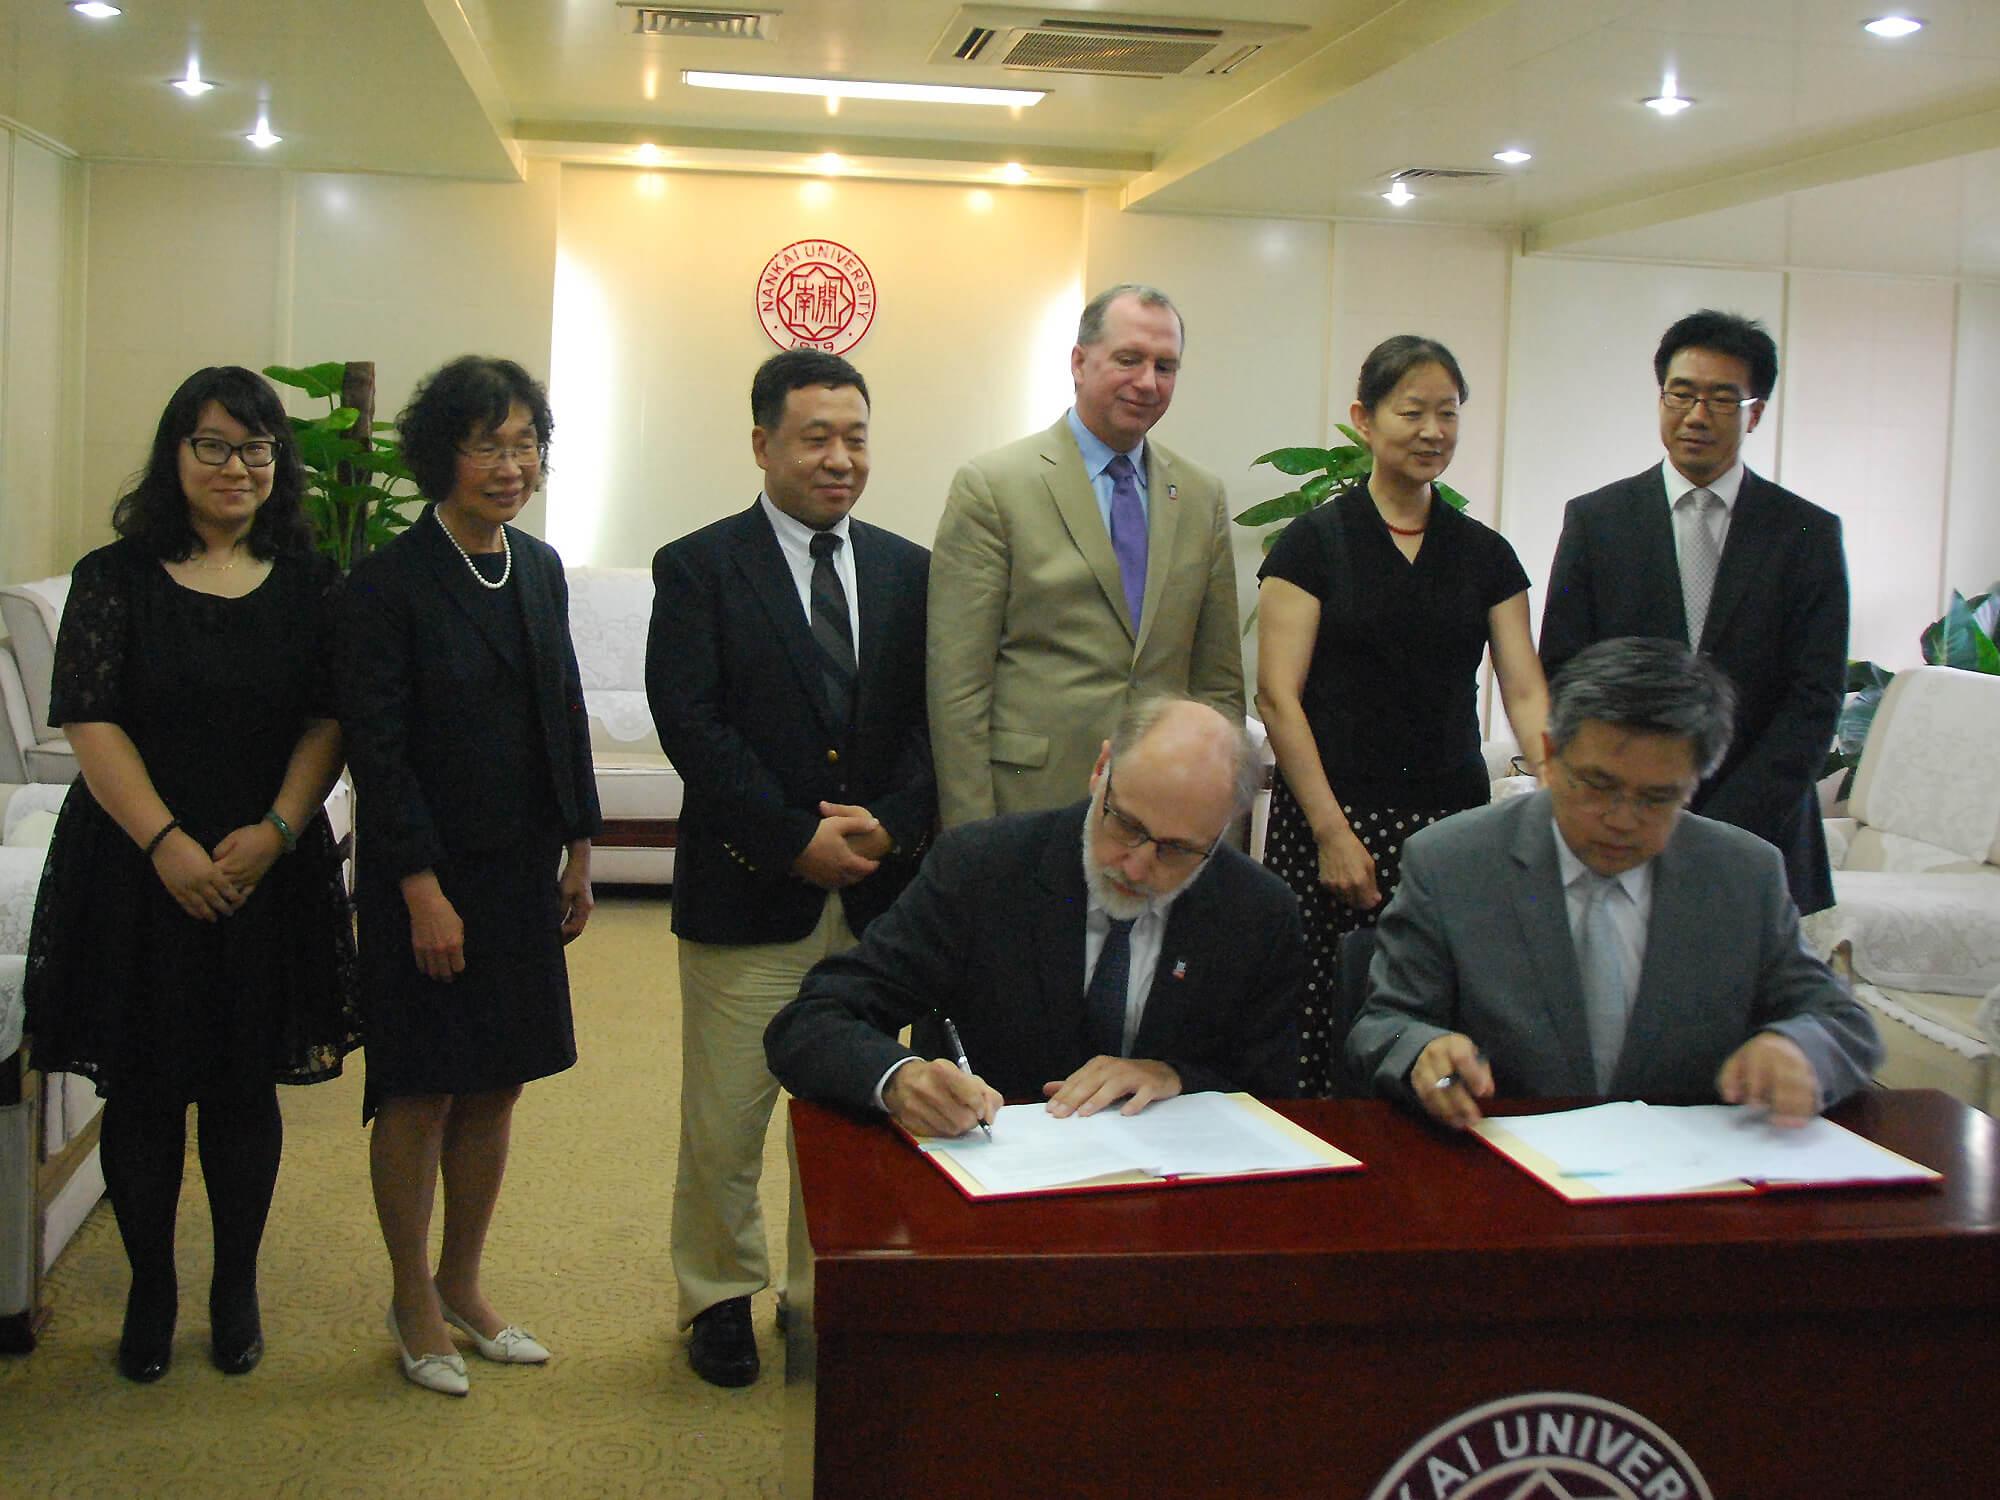 NIU President Doug Baker and Nankai President Gong Ke sign the NNIC agreement, joined by (L to R) Joanna Shen, Pauline Wang, Liu Binglian, Chris McCord, Guan Naijia, Qiao Mingquiang and Gao Haiyan.